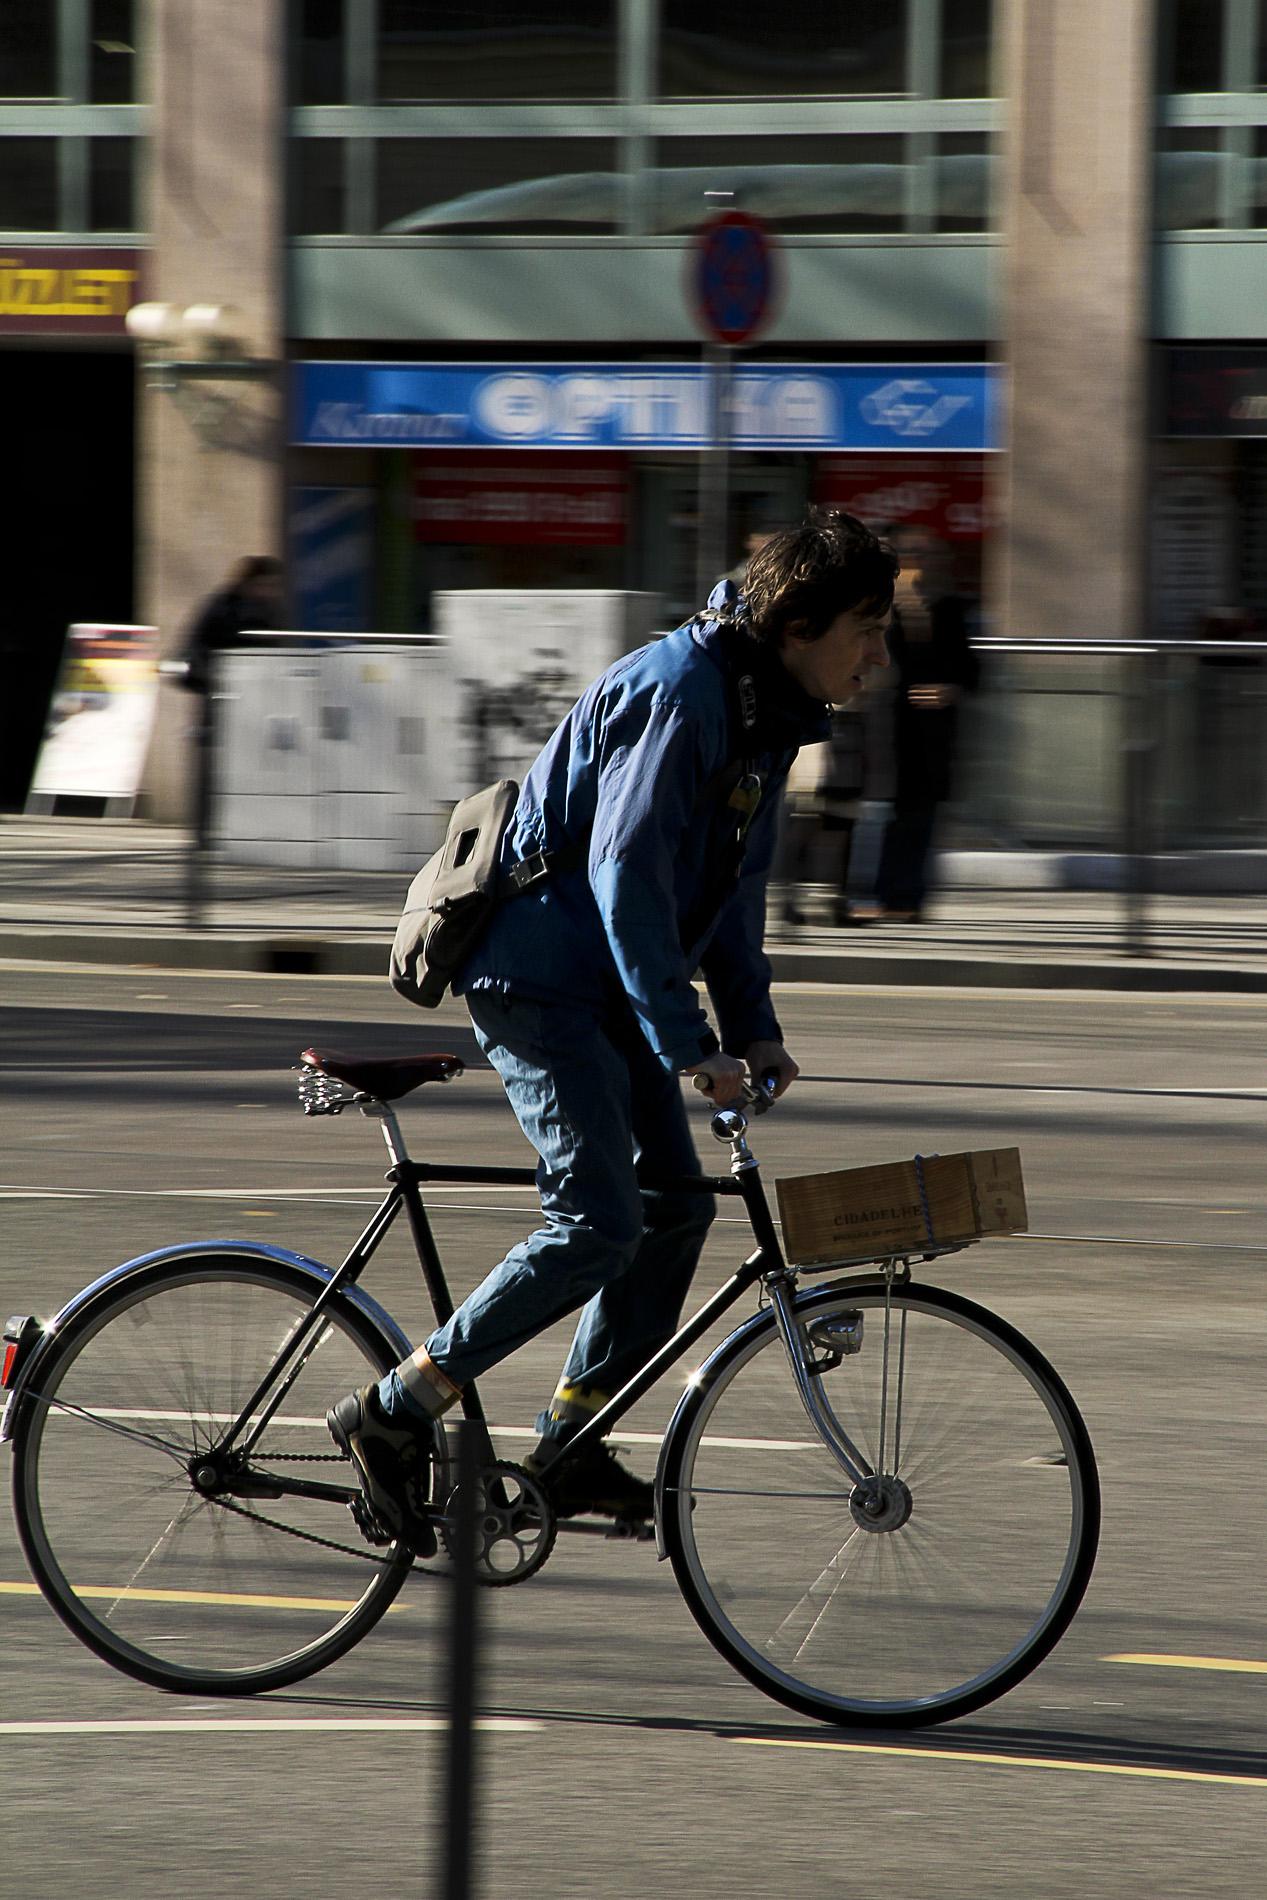 Tavaszi suhanás egy gyönyörű férfi bicajjal